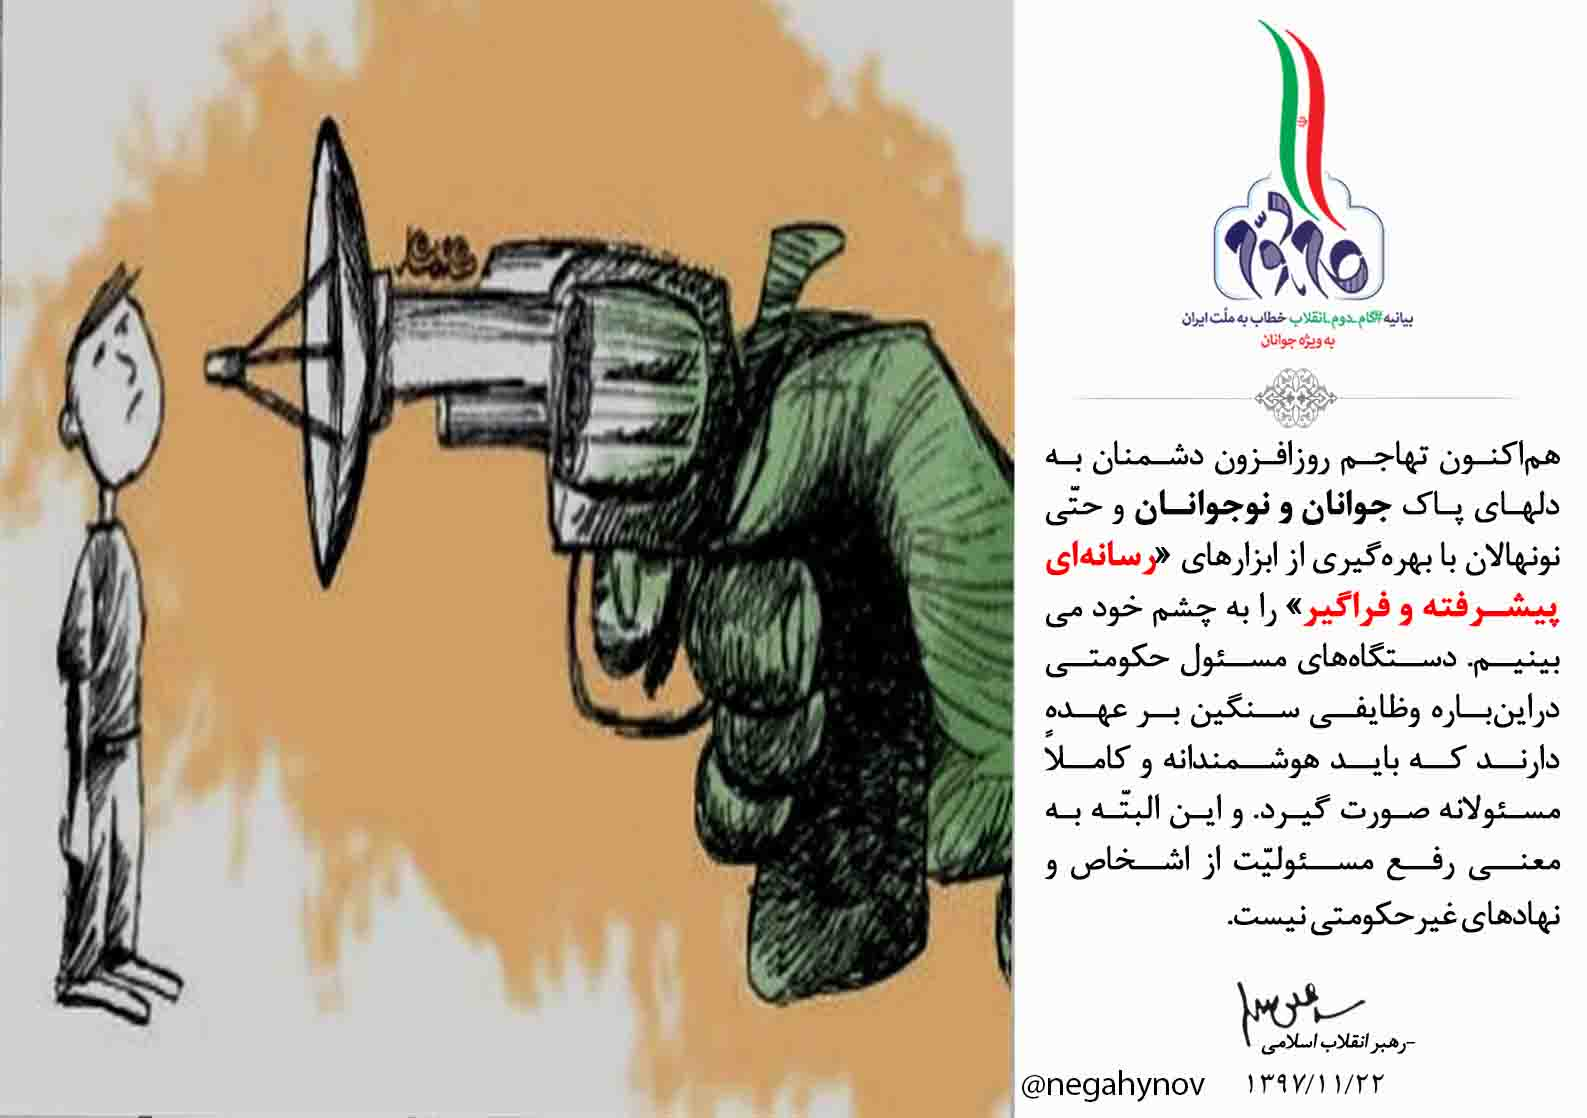 تهاجم رسانه ای دشمن - نگاهی نو - بیانیه گام دوم انقلاب